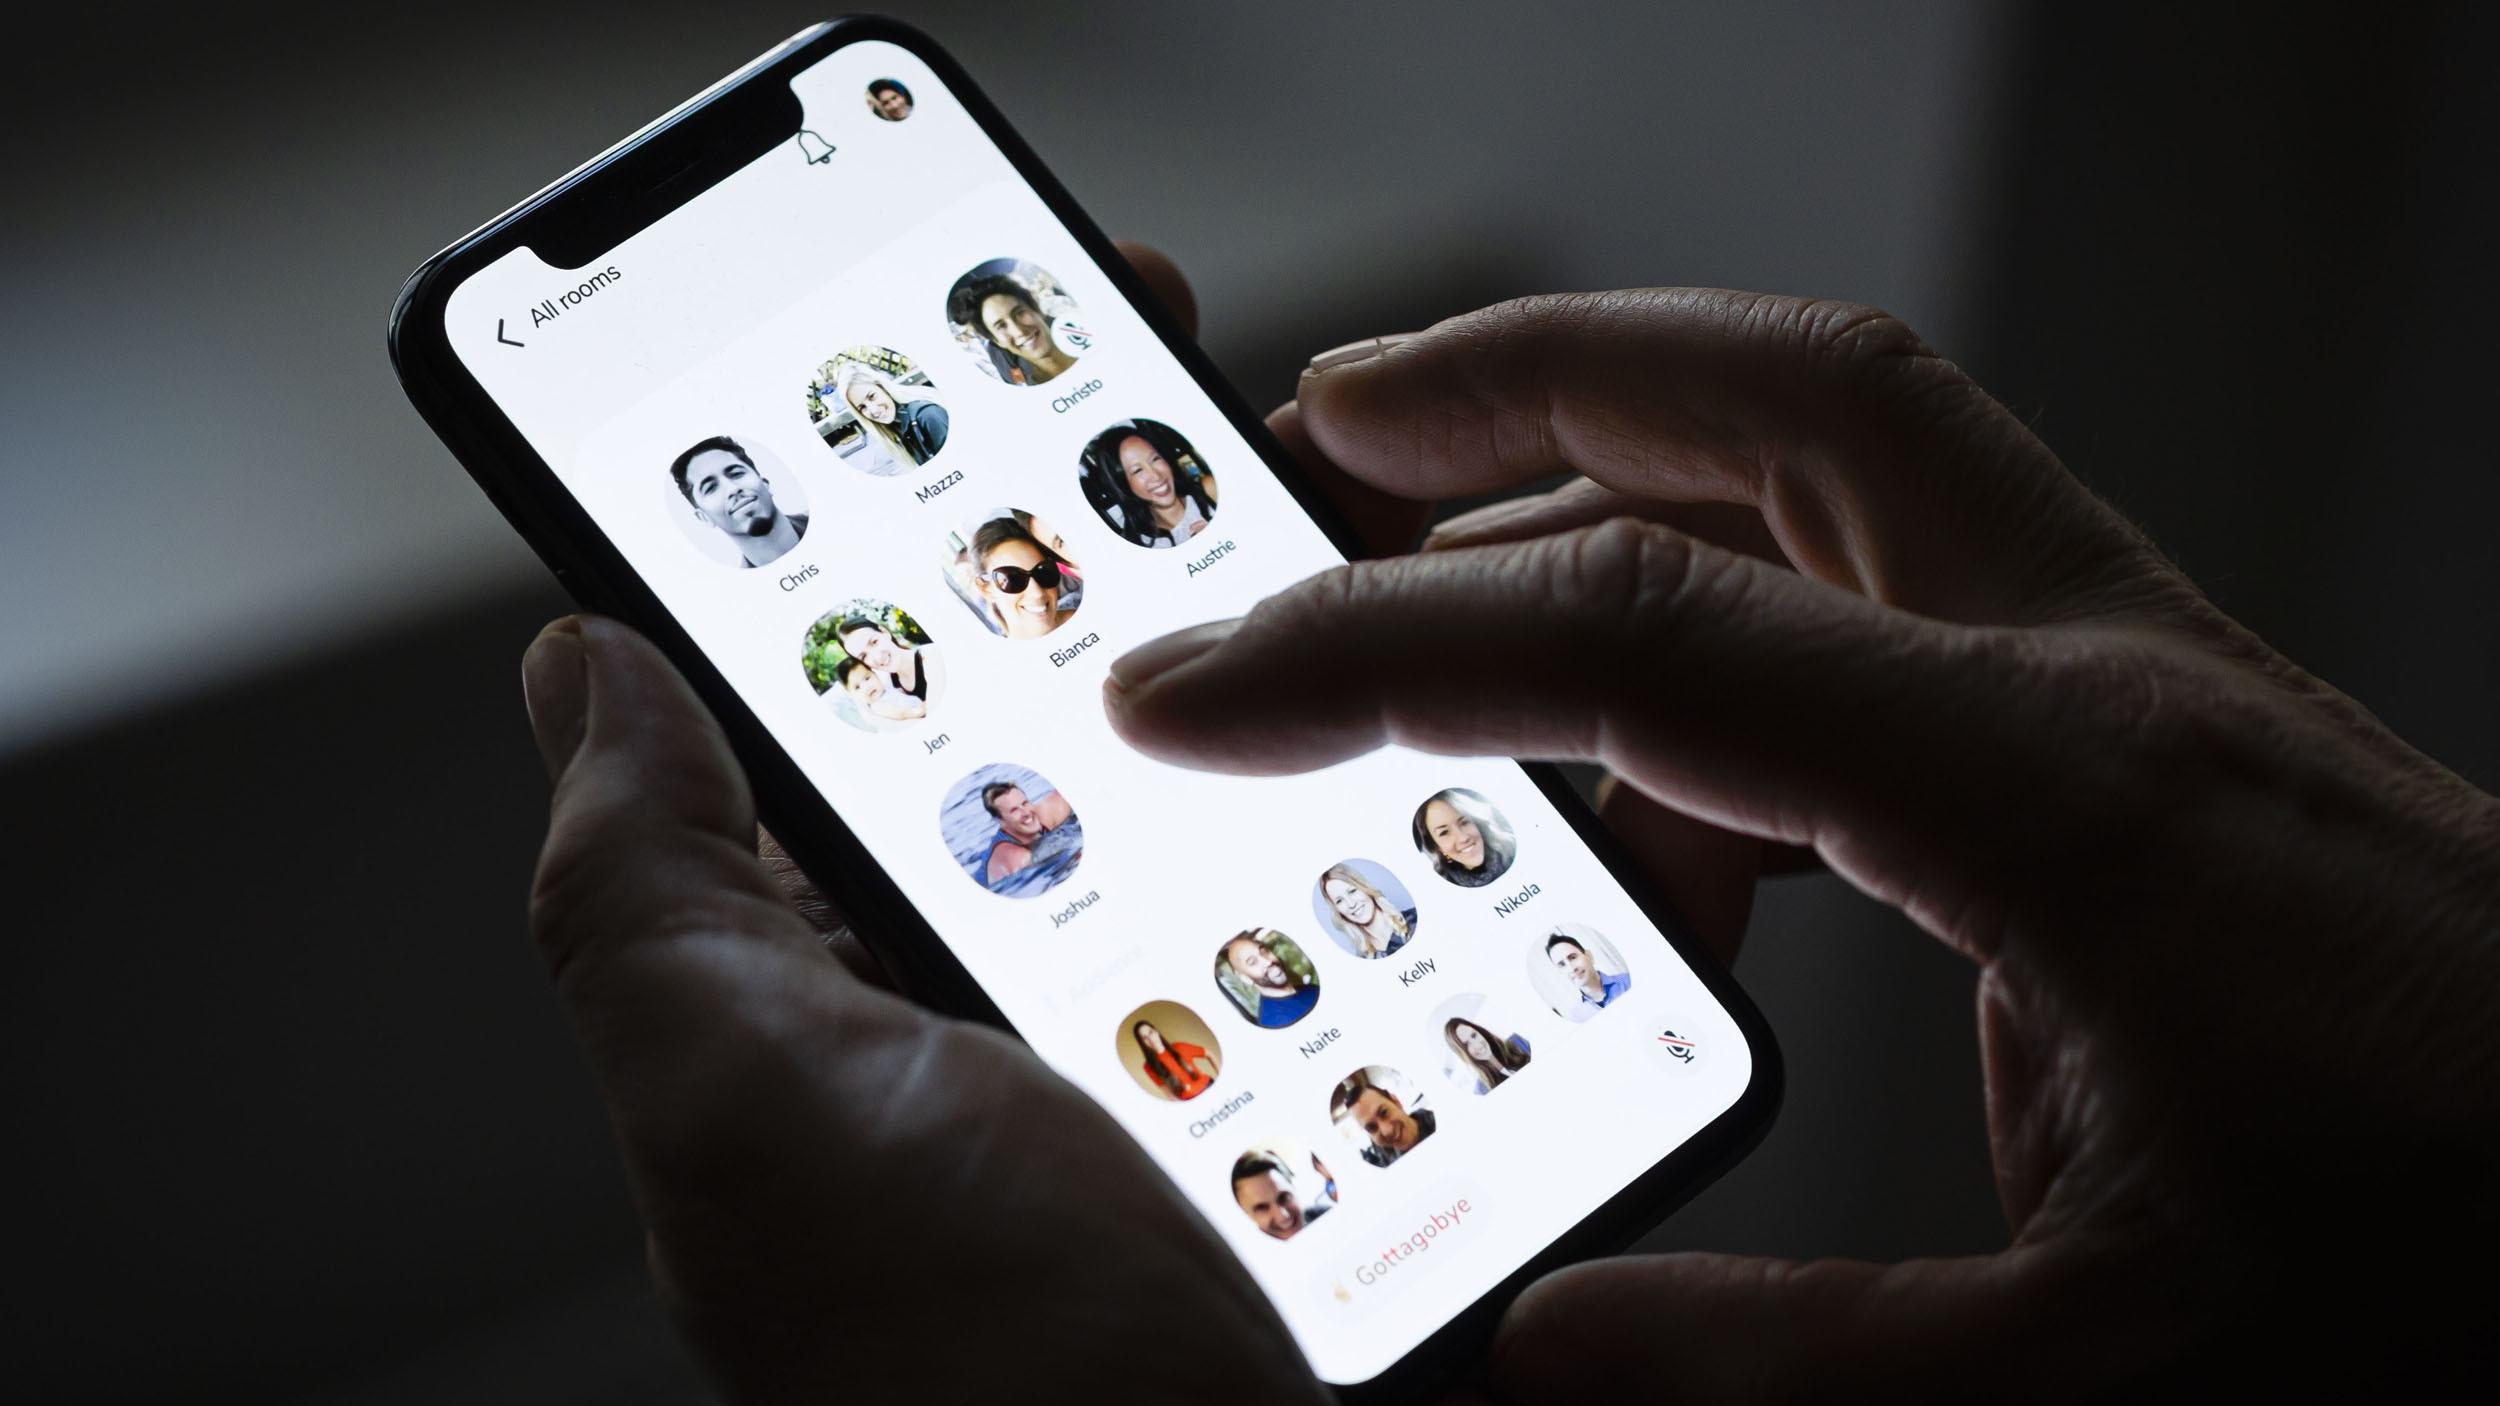 این روزها تب کلاب هاوس (Clubhouse) چنان بالا گرفته که دیگر شبکه های اجتماعی و ابزارهای چت را به شدت تحت تاثیر قرار داده است.